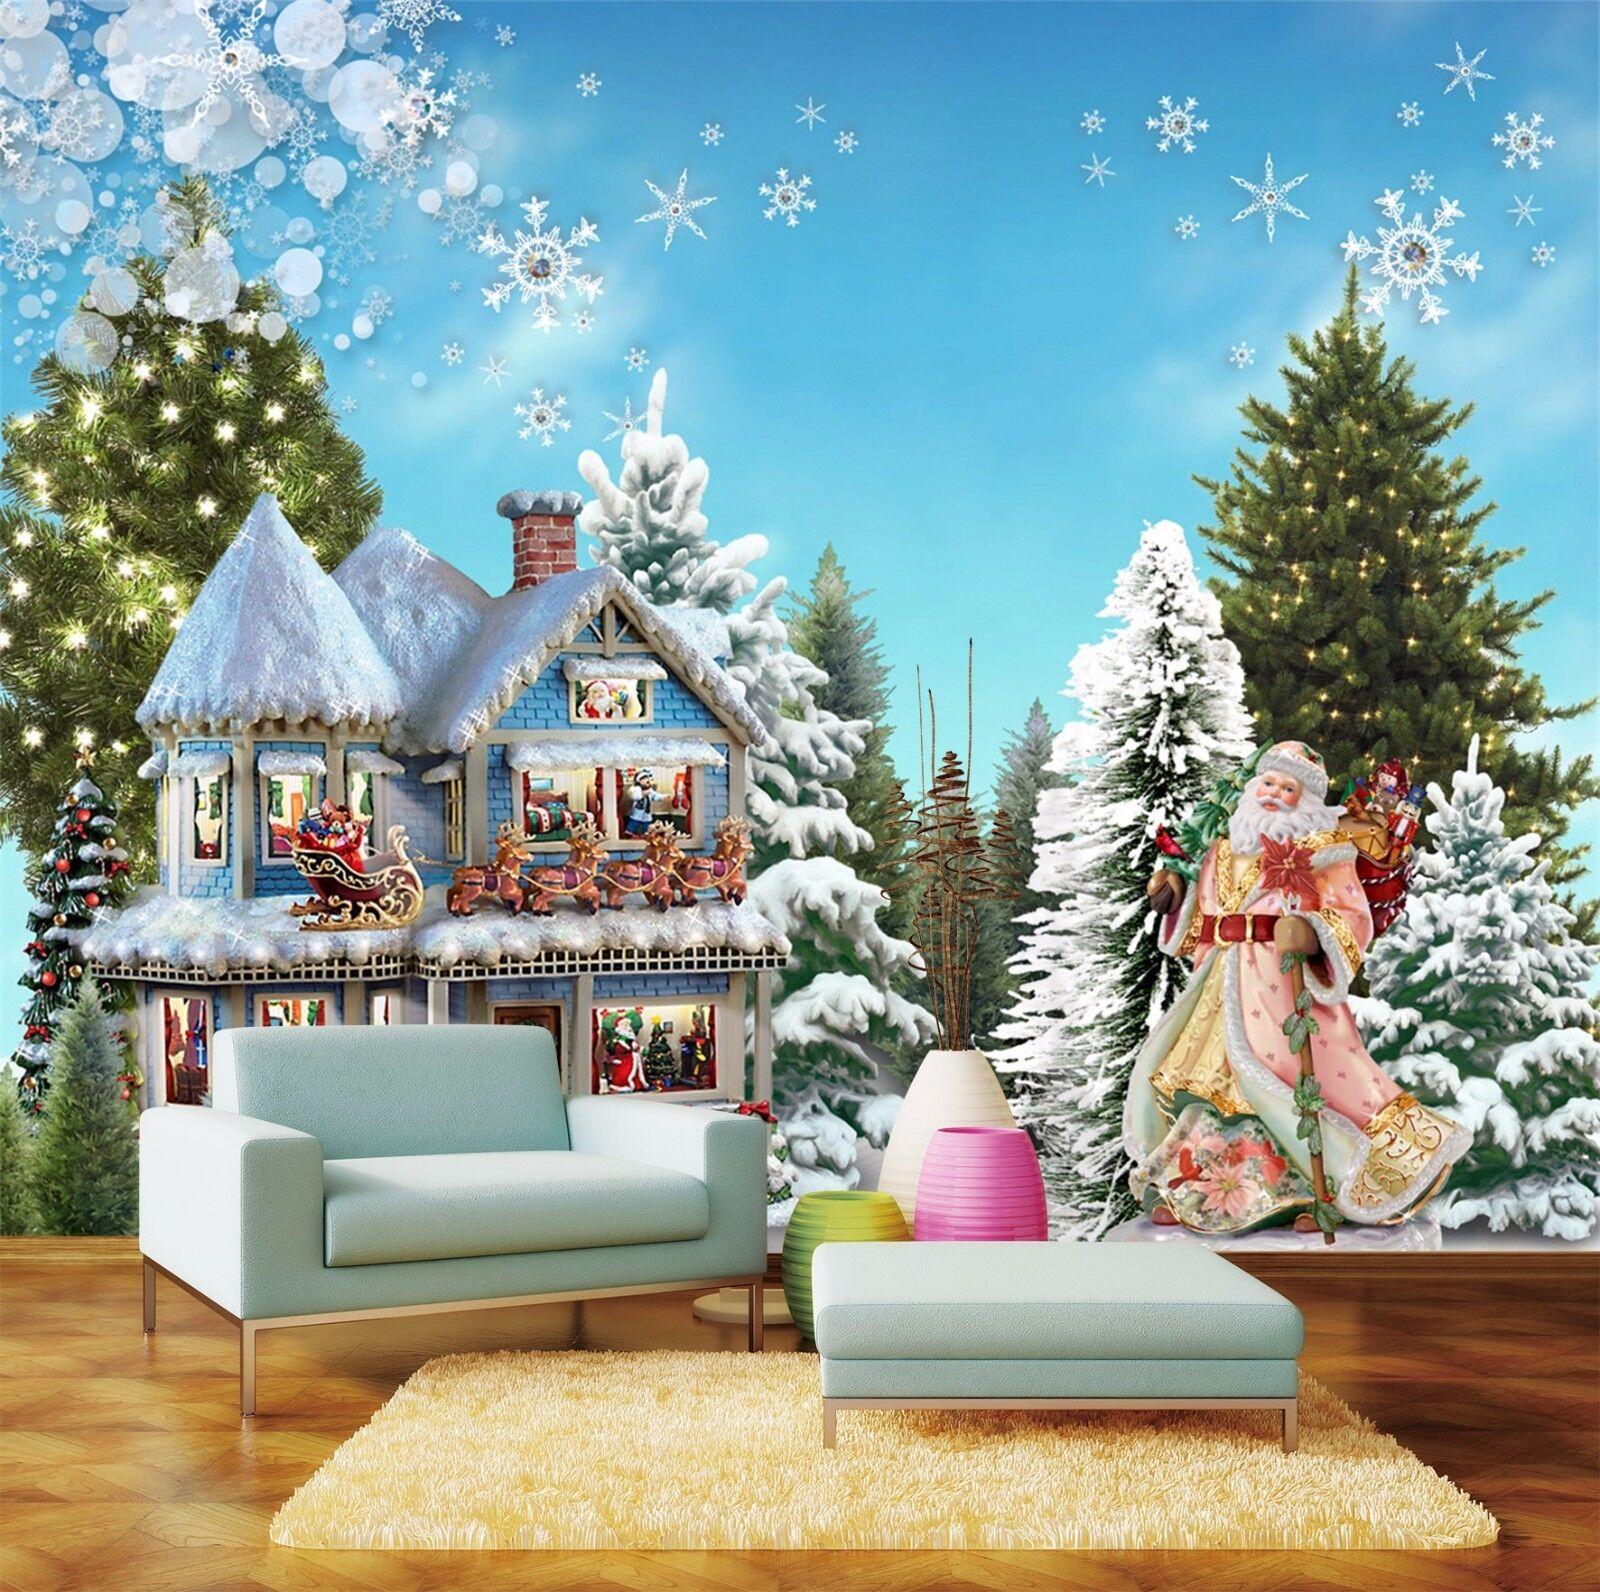 3D Schloss Kiefern 89 Tapete Wandgemälde Tapete Tapeten Bild Familie DE | Modisch  | New Product 2019  | Sehen Sie die Welt aus der Perspektive des Kindes